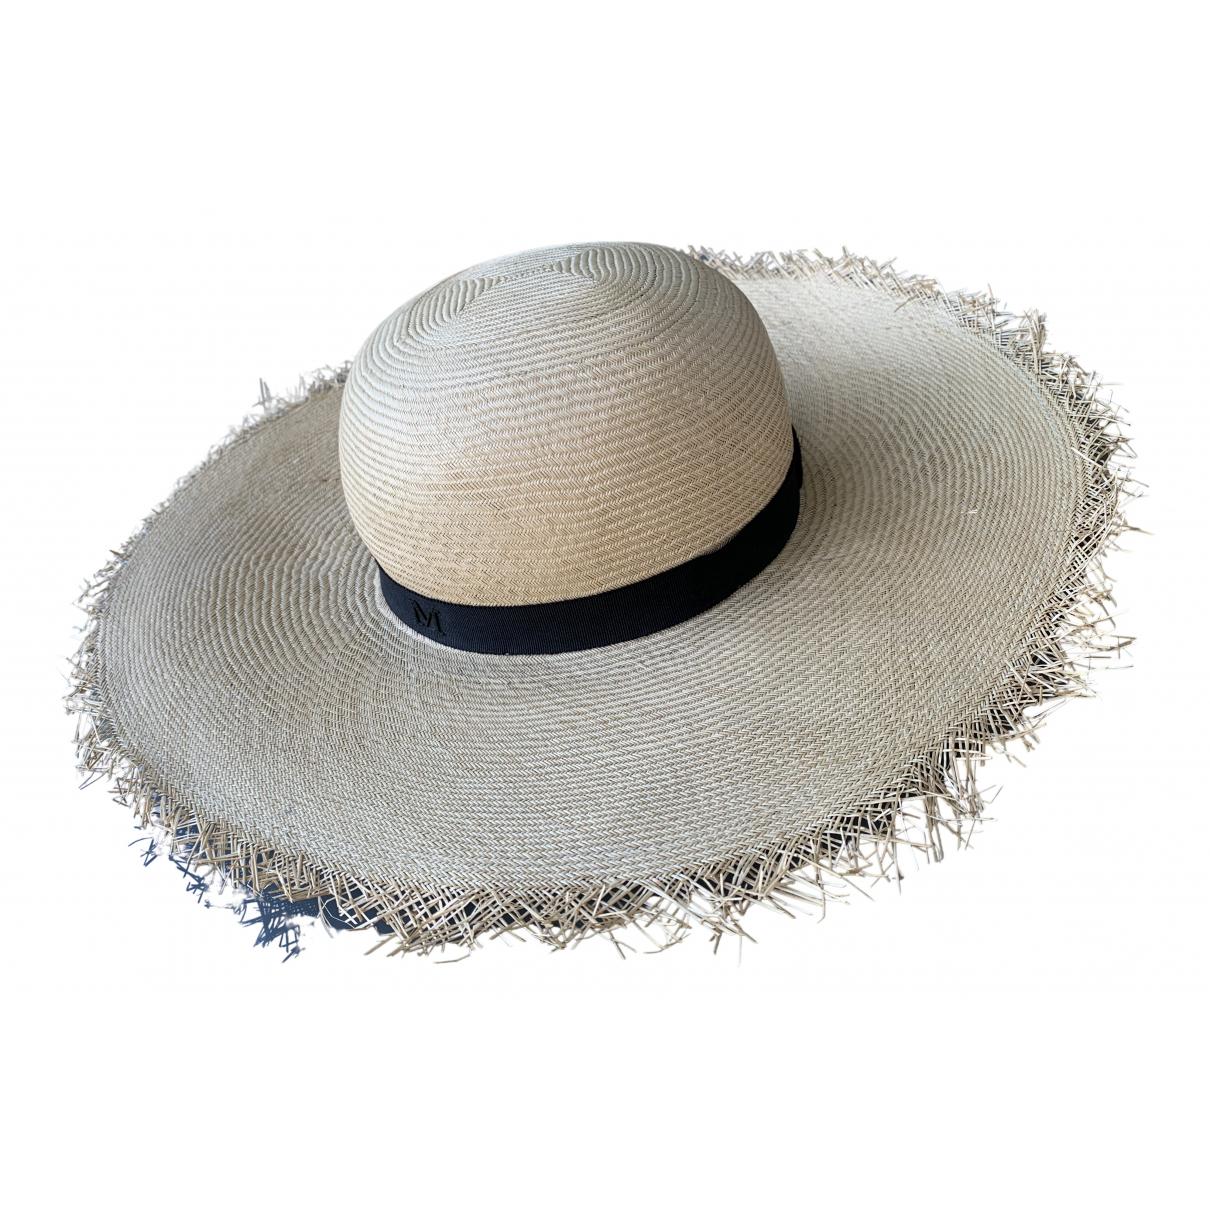 Maison Michel - Chapeau   pour femme en paille - beige